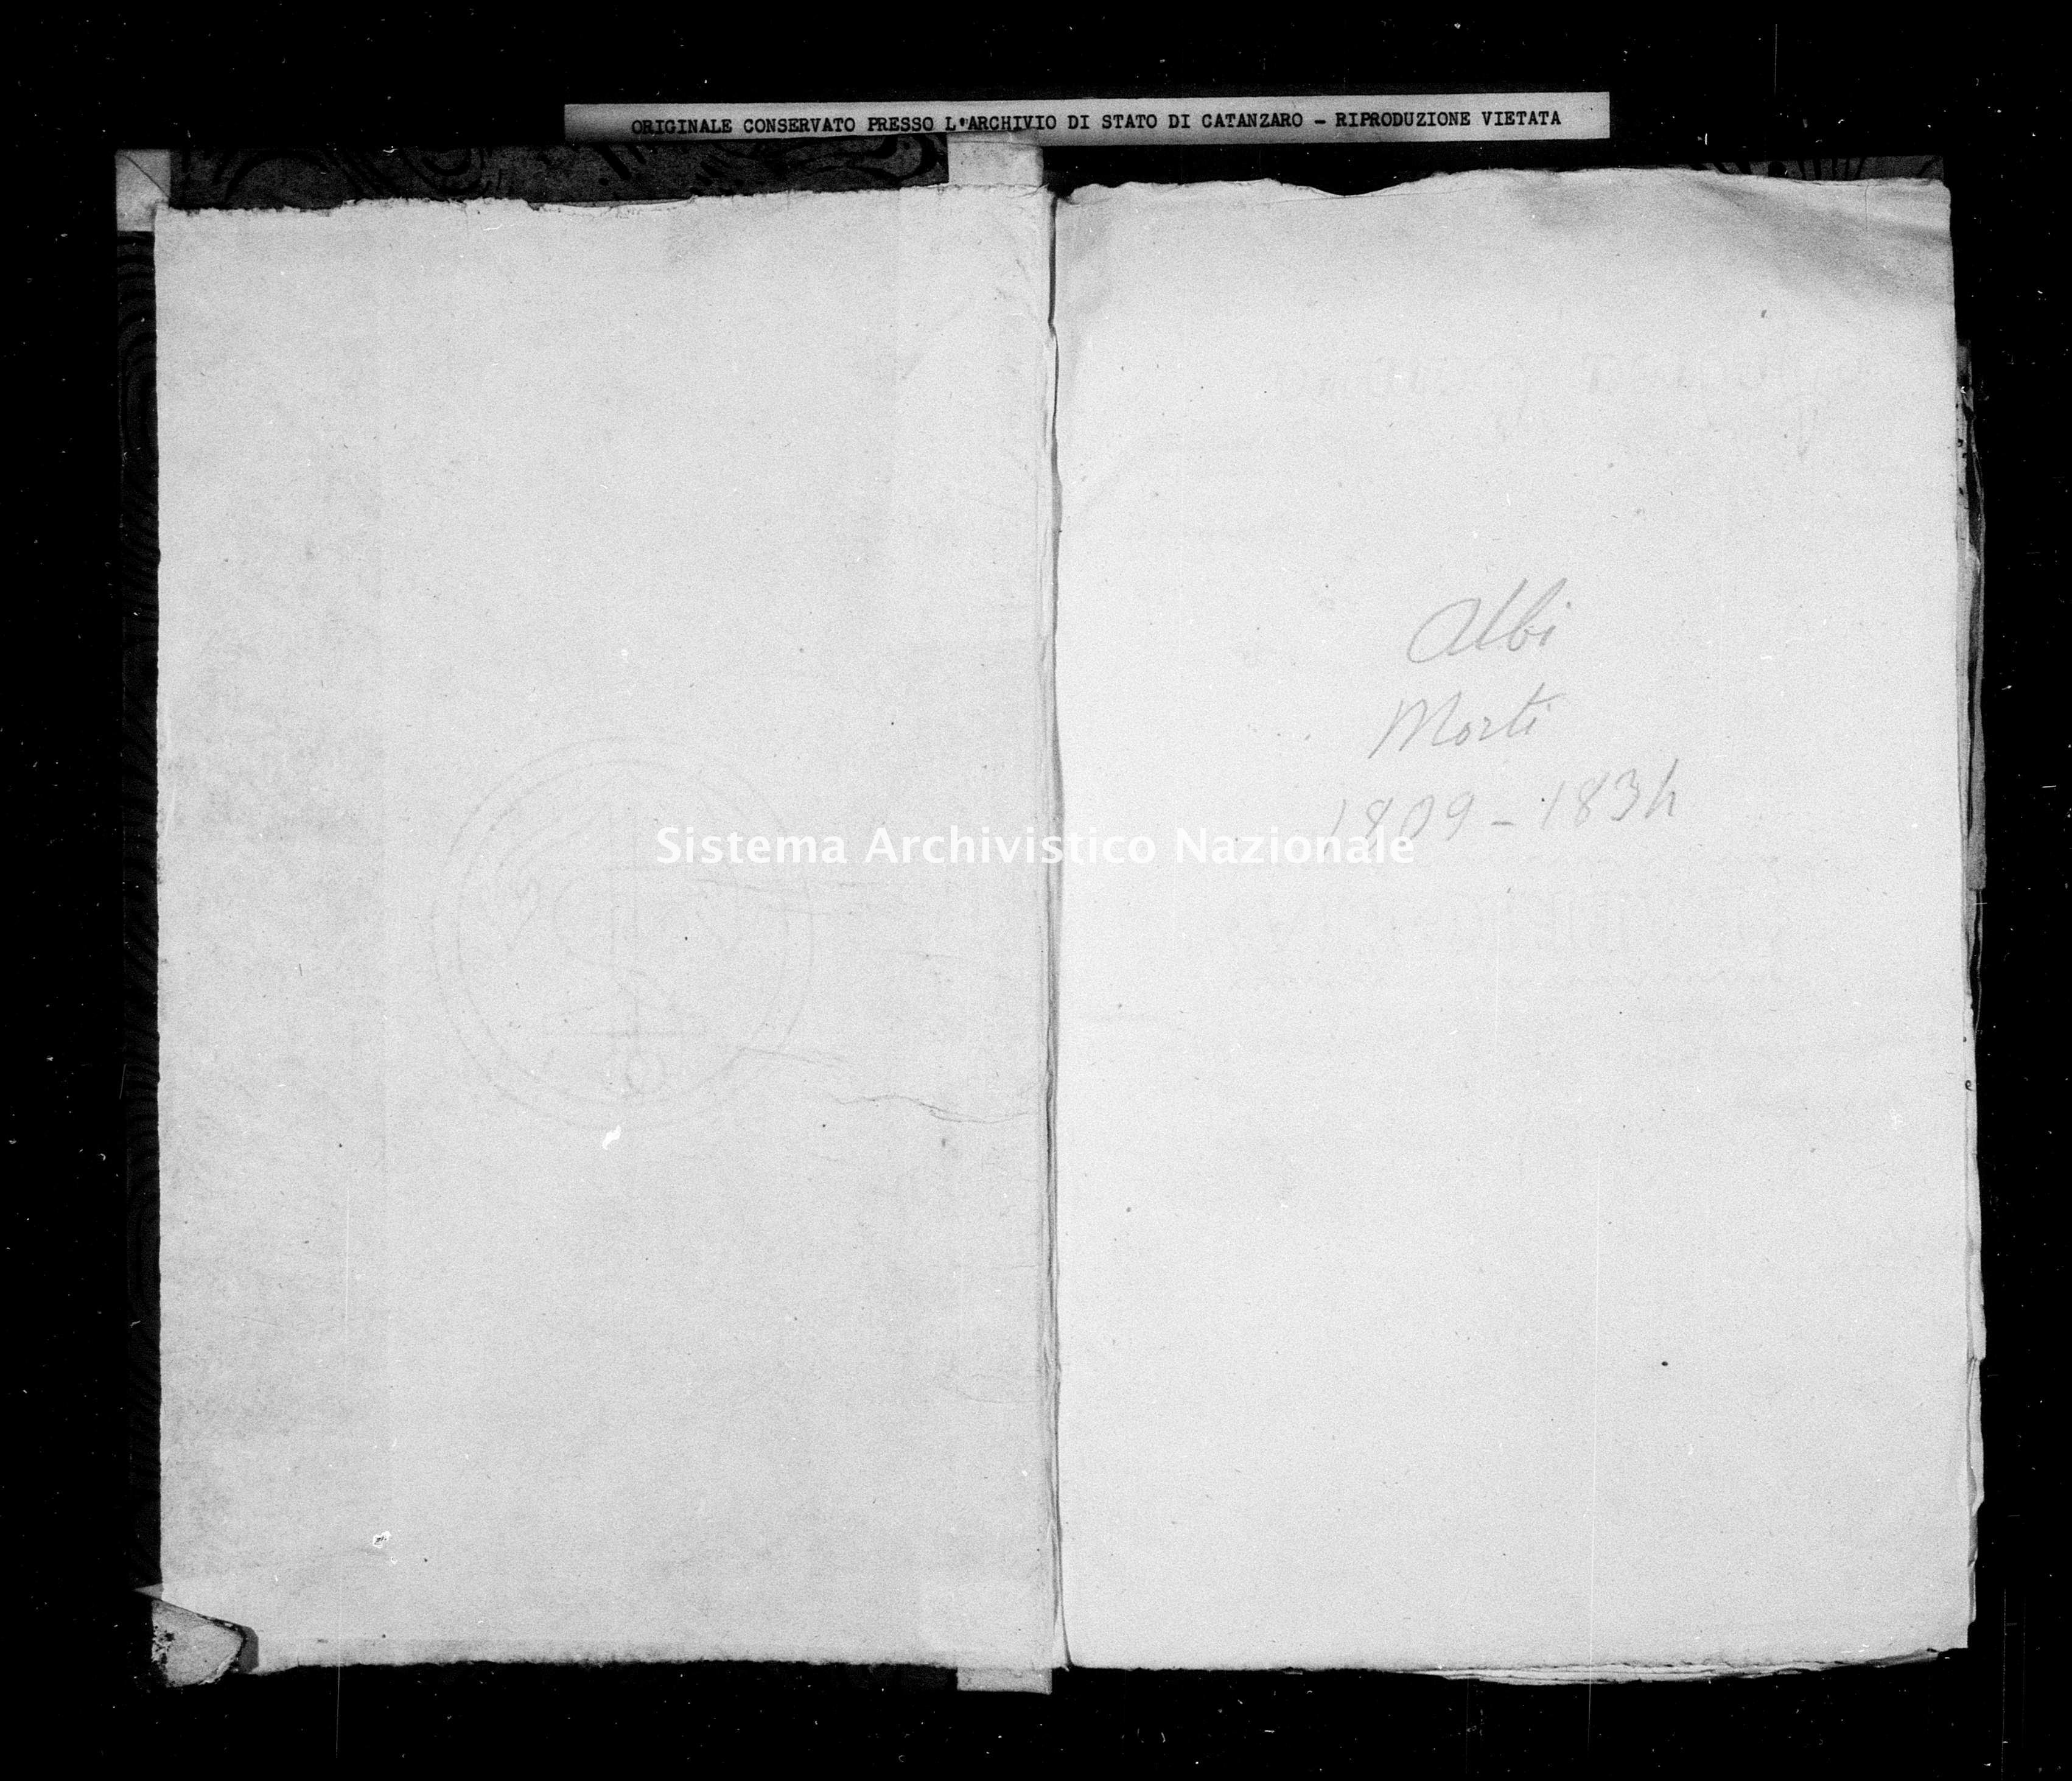 Archivio di stato di Catanzaro - Stato civile napoleonico - Albi - Morti - 1809 -